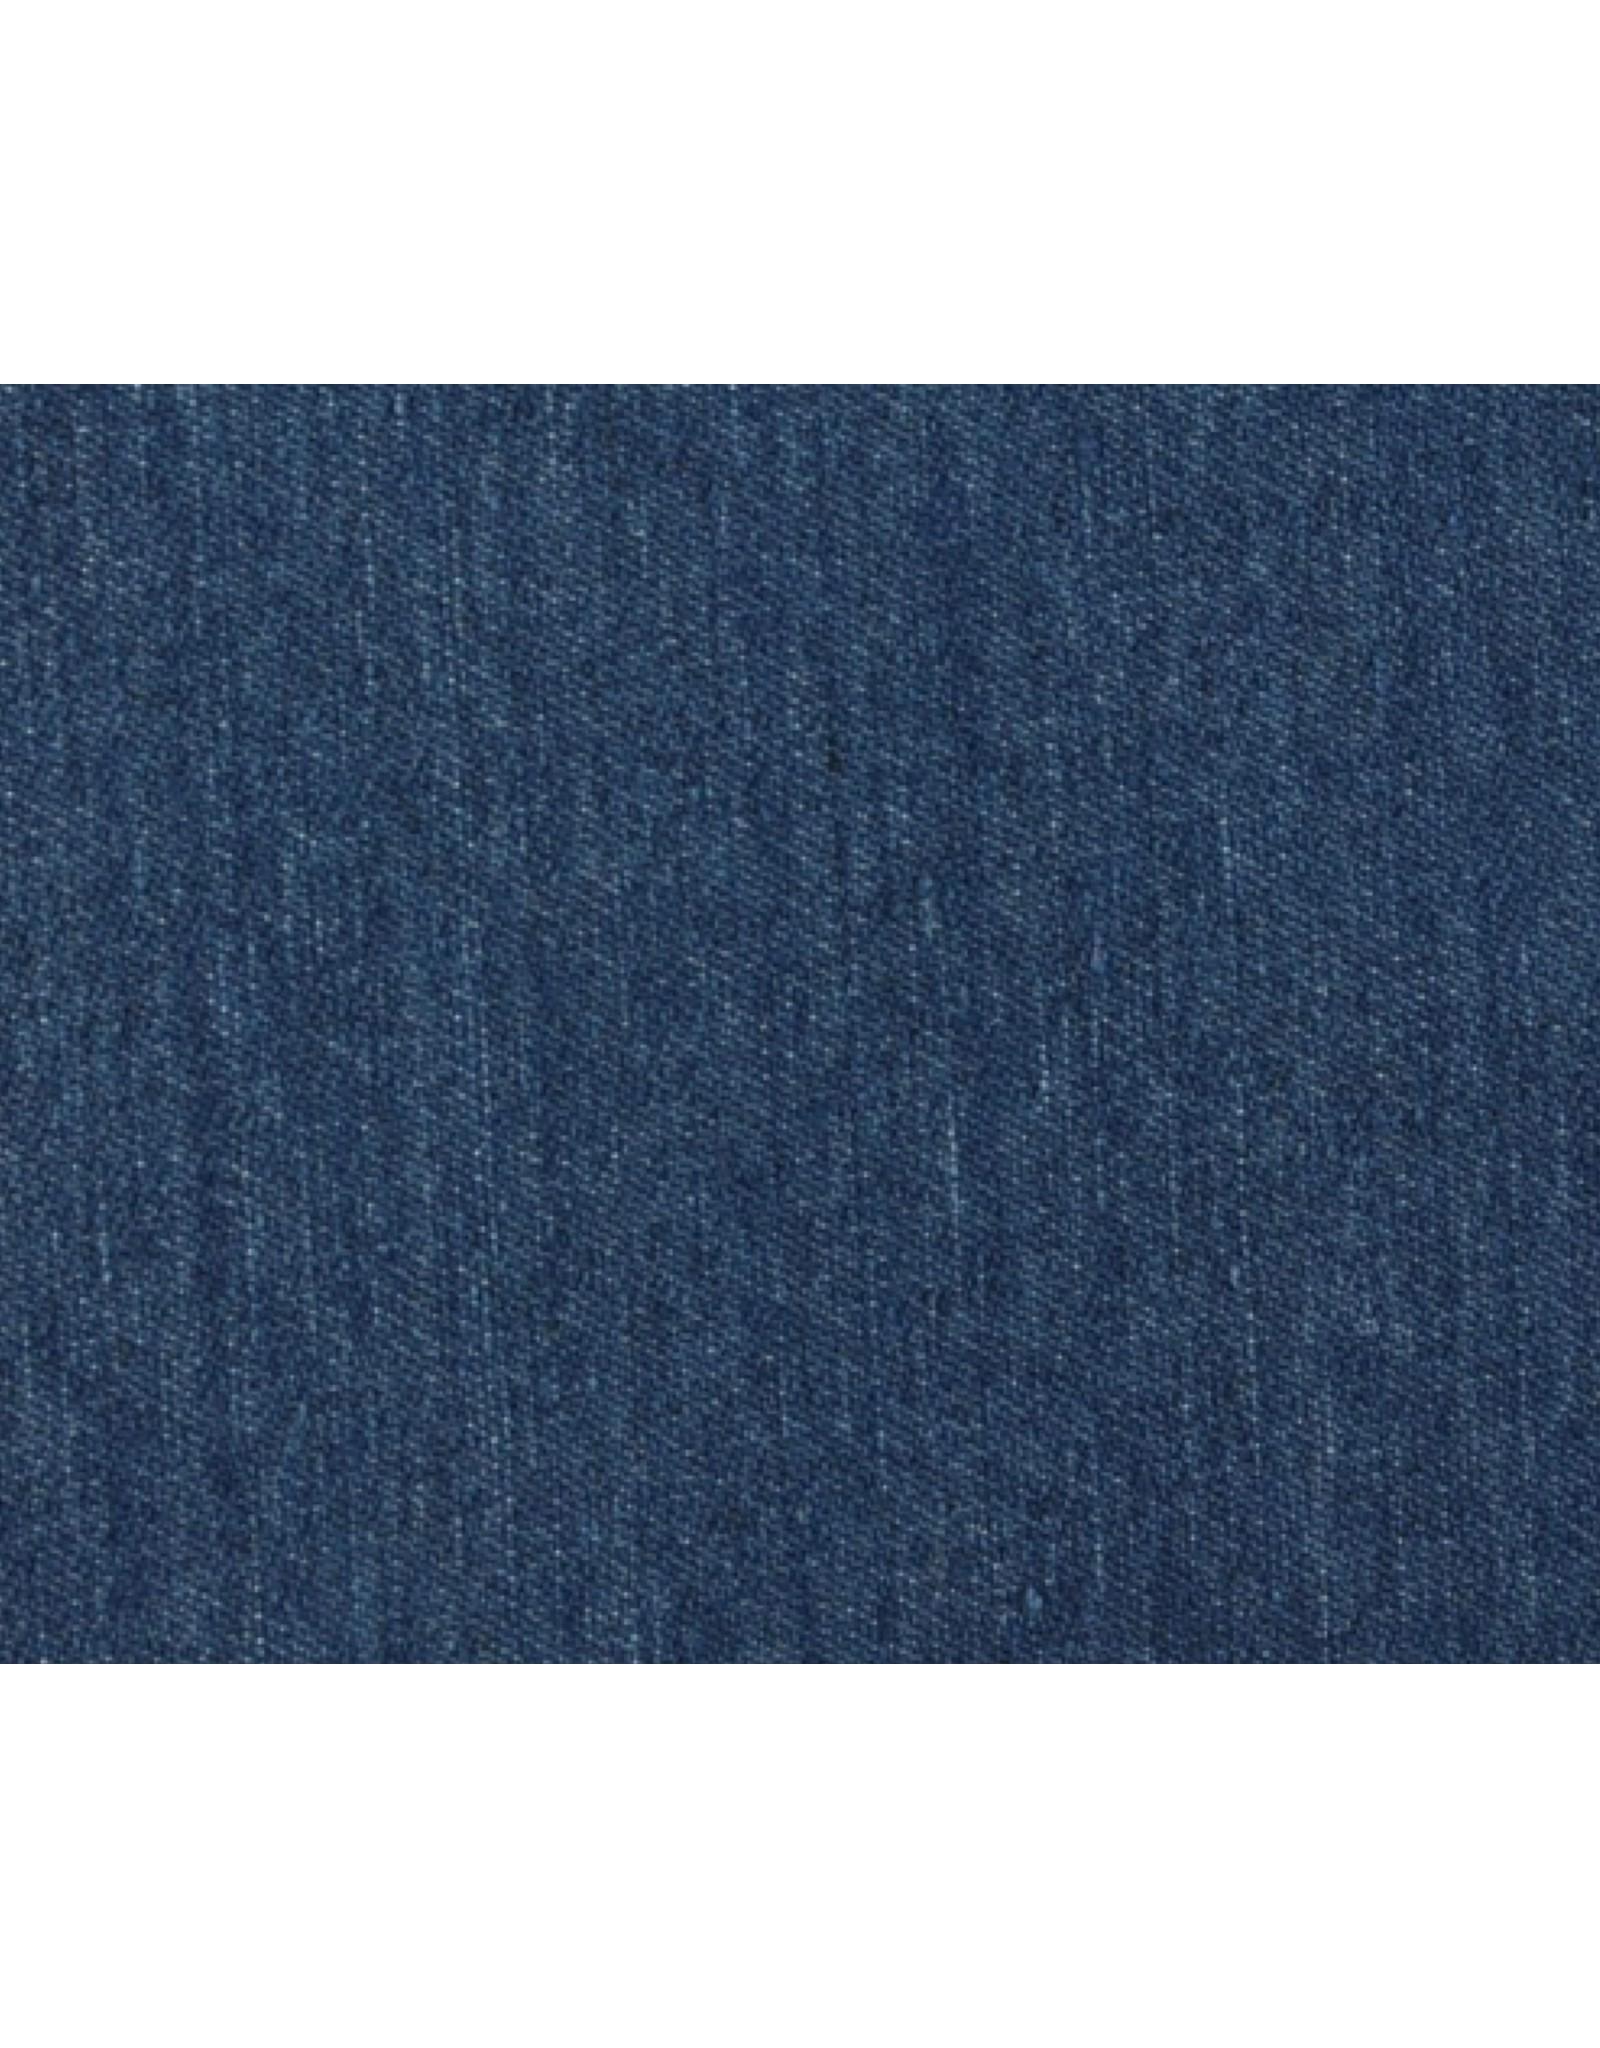 Denim Jeans gewassen - Blauw